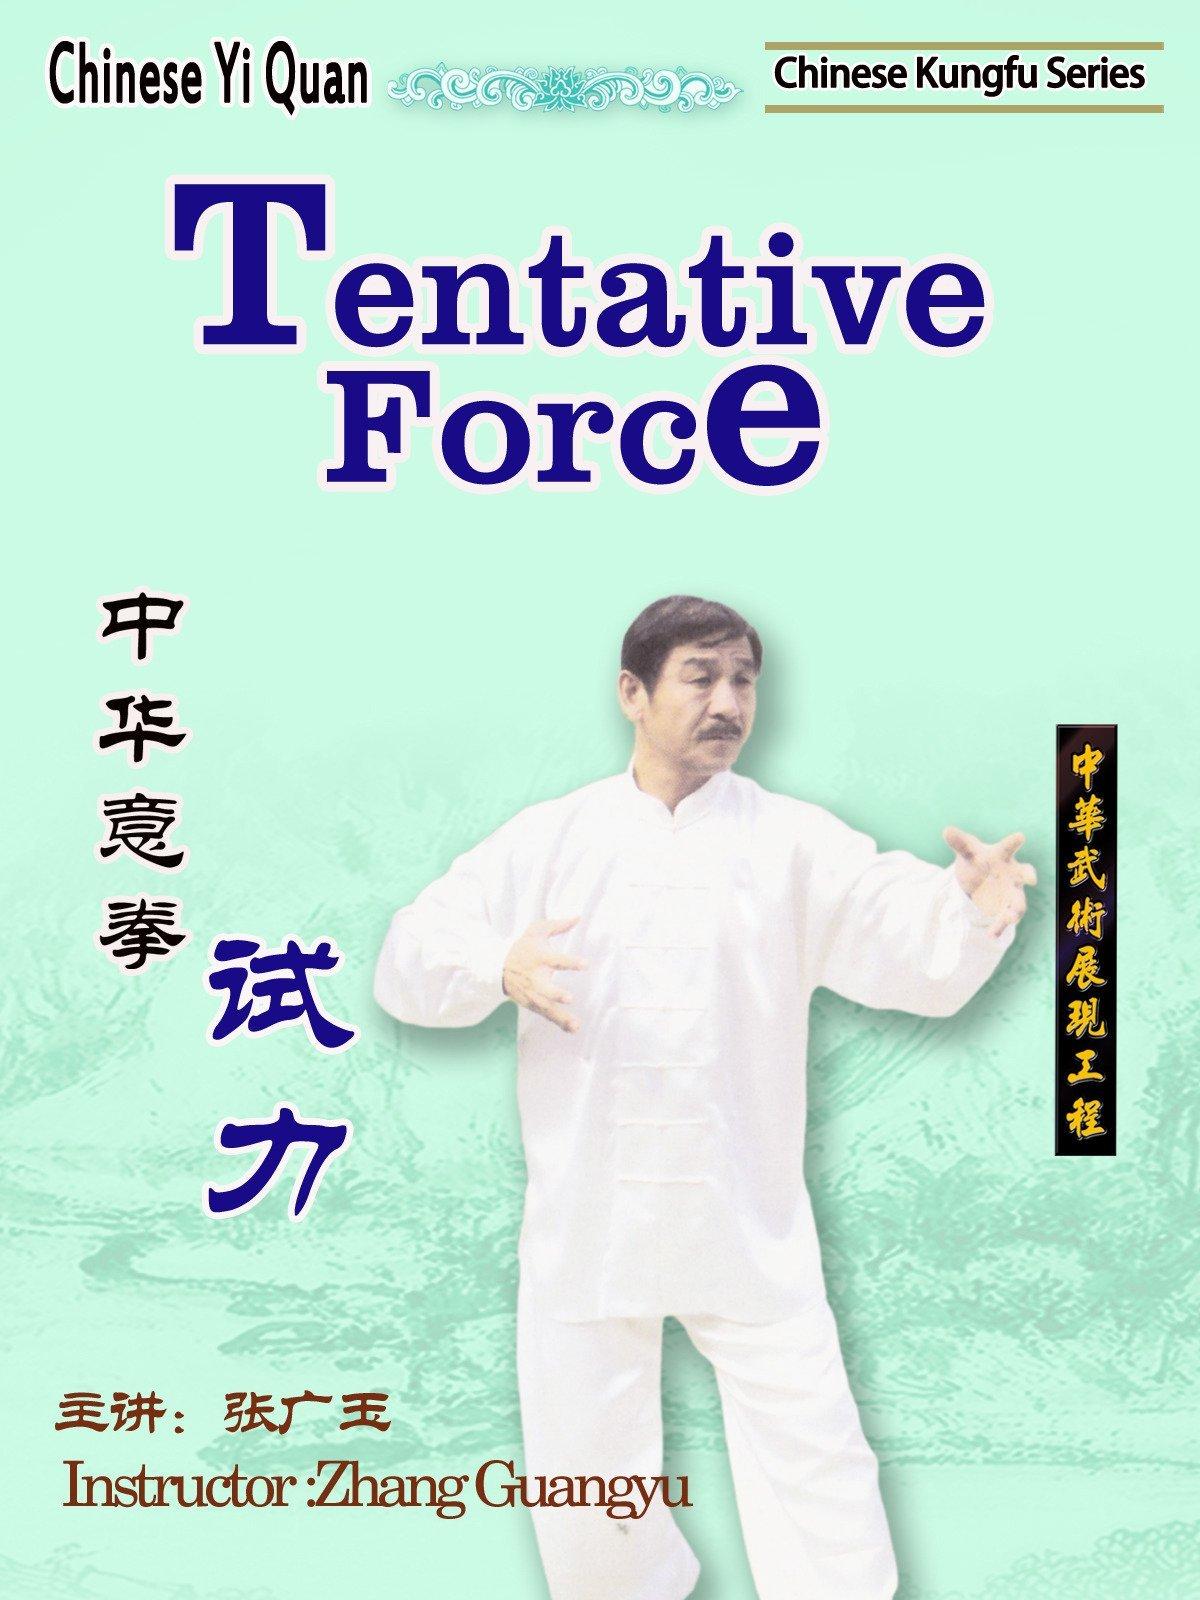 Chinese Yi Quan-Tentative Force(Instructor :Zhang Guangyu) on Amazon Prime Video UK